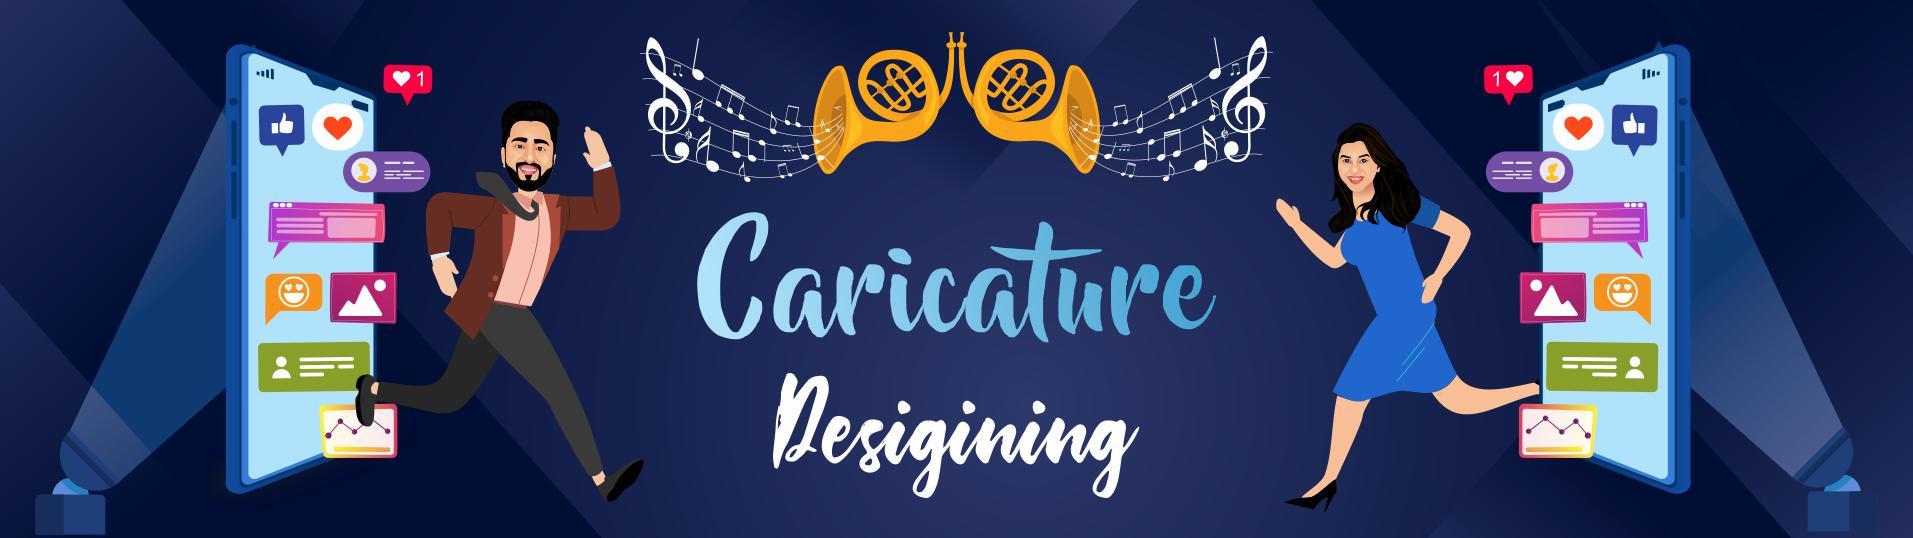 Caricature Designing